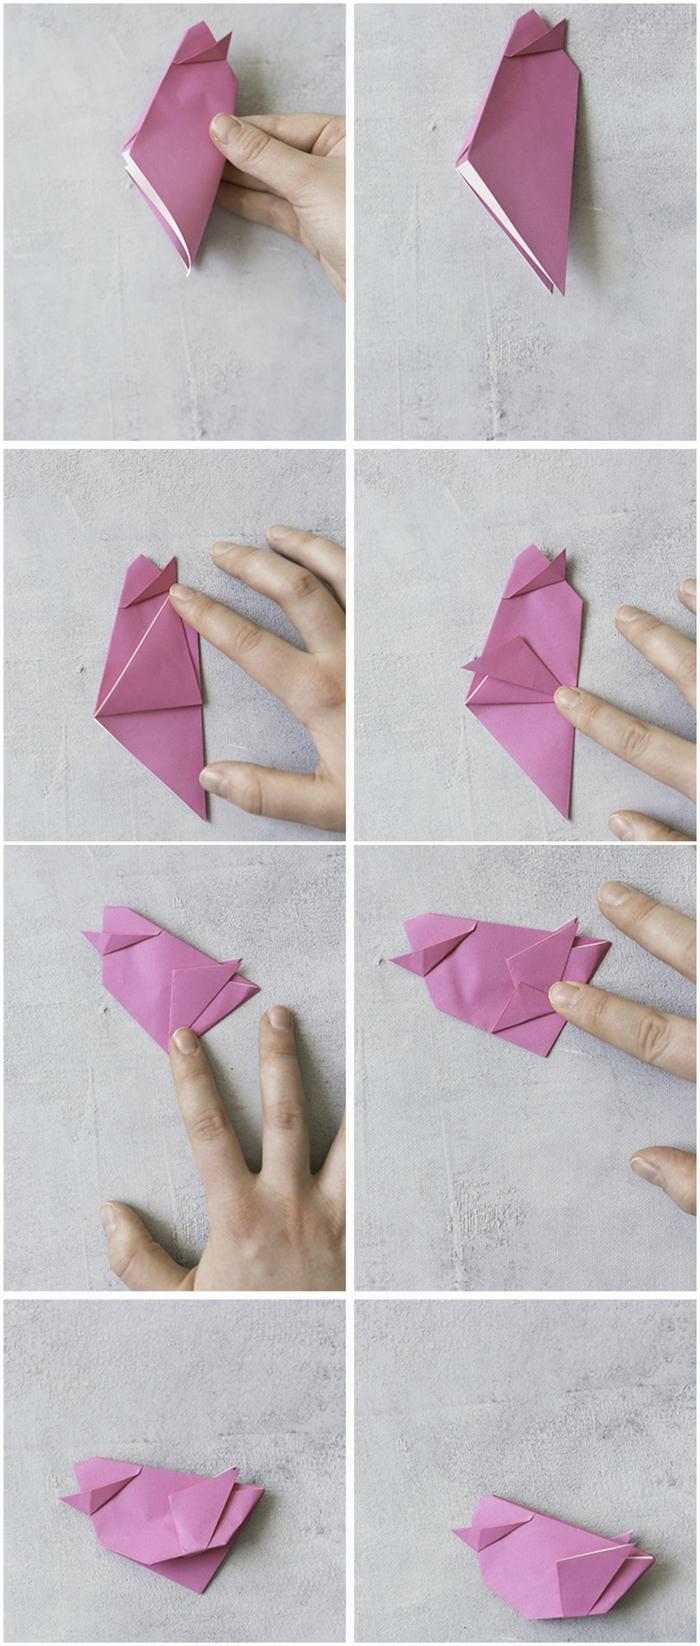 tuto origami pour réaliser un joli oiseau en papier qui pourrait être utiliser pour la déco de la table de pâques